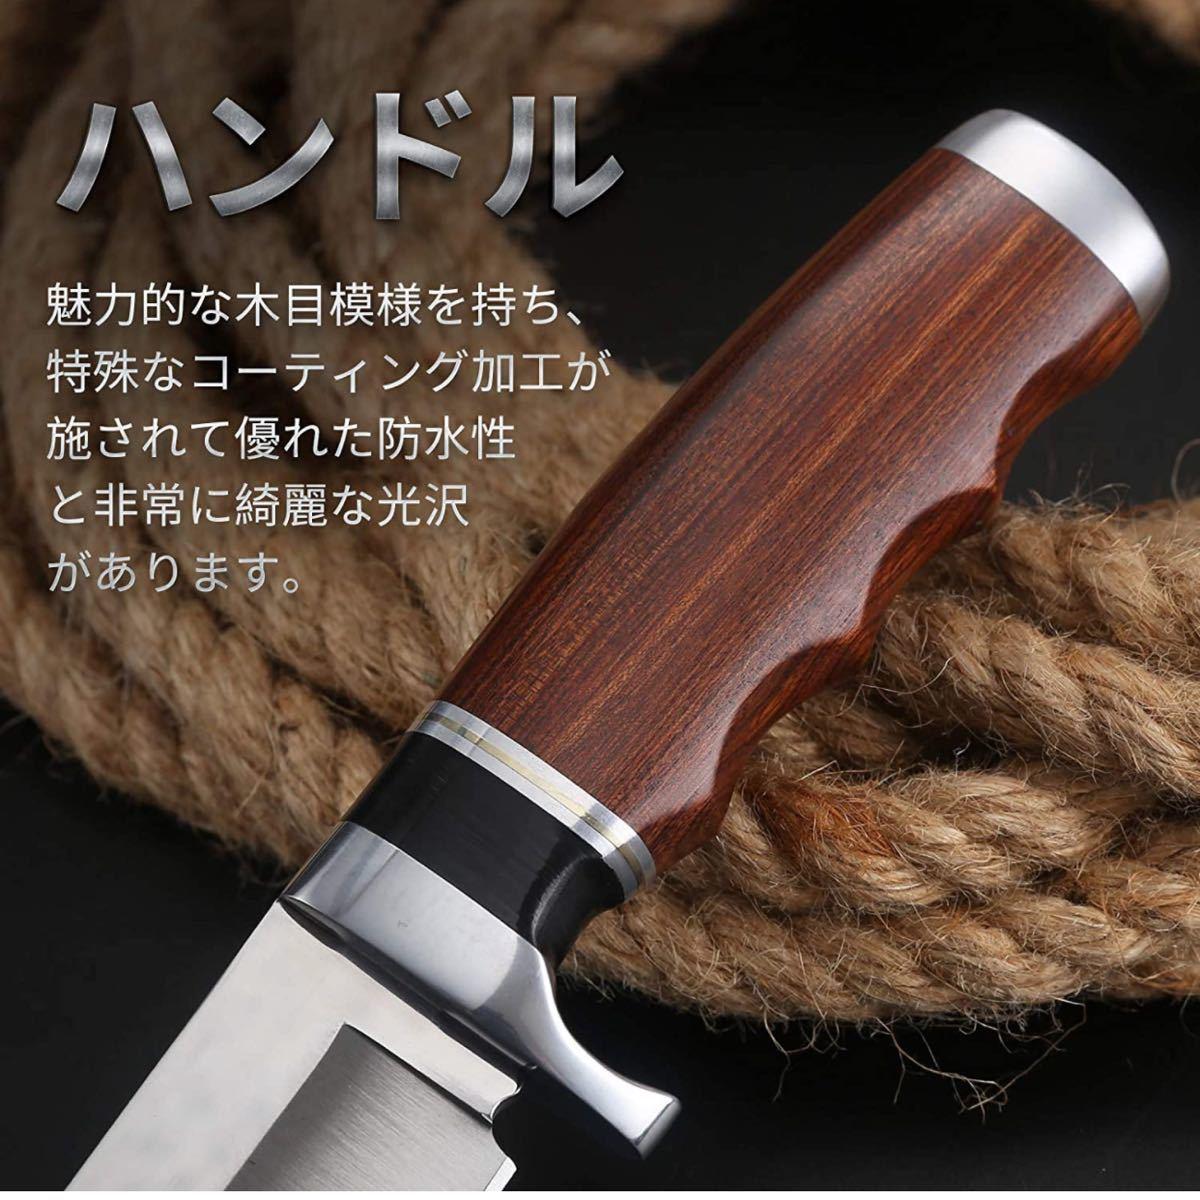 シースナイフ